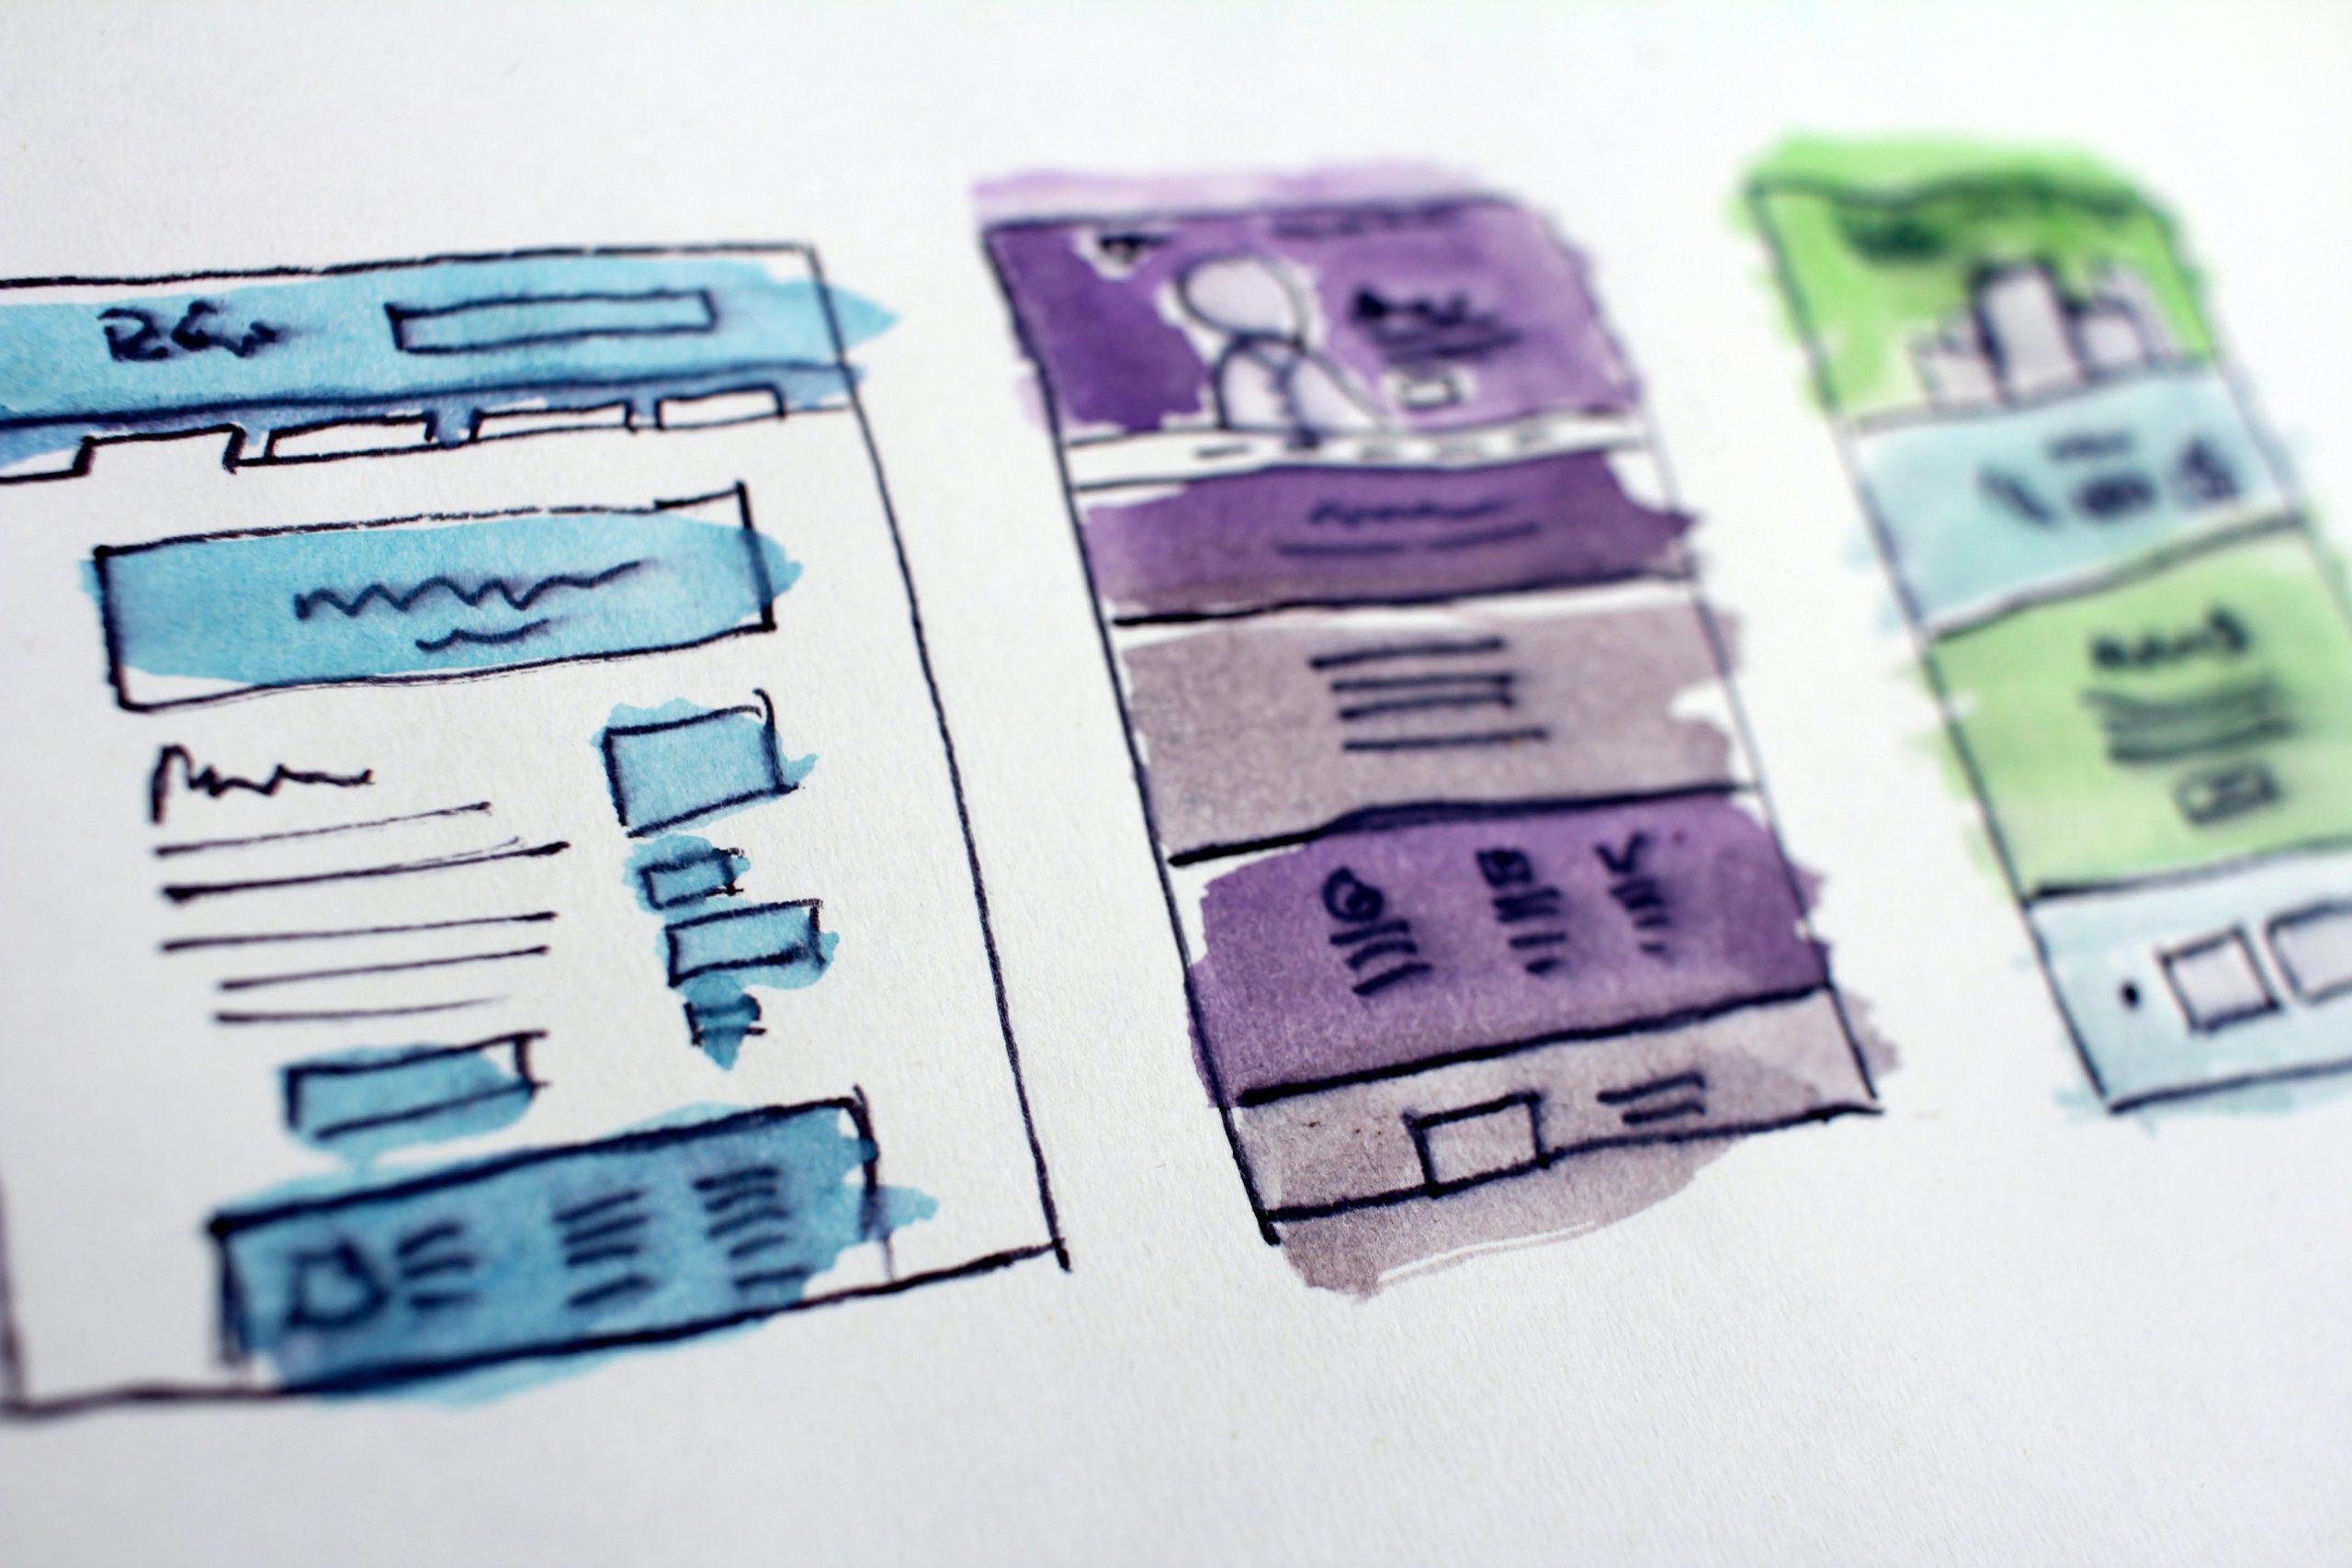 L'UX design ou comment accroître la satisfaction de l'utilisateur